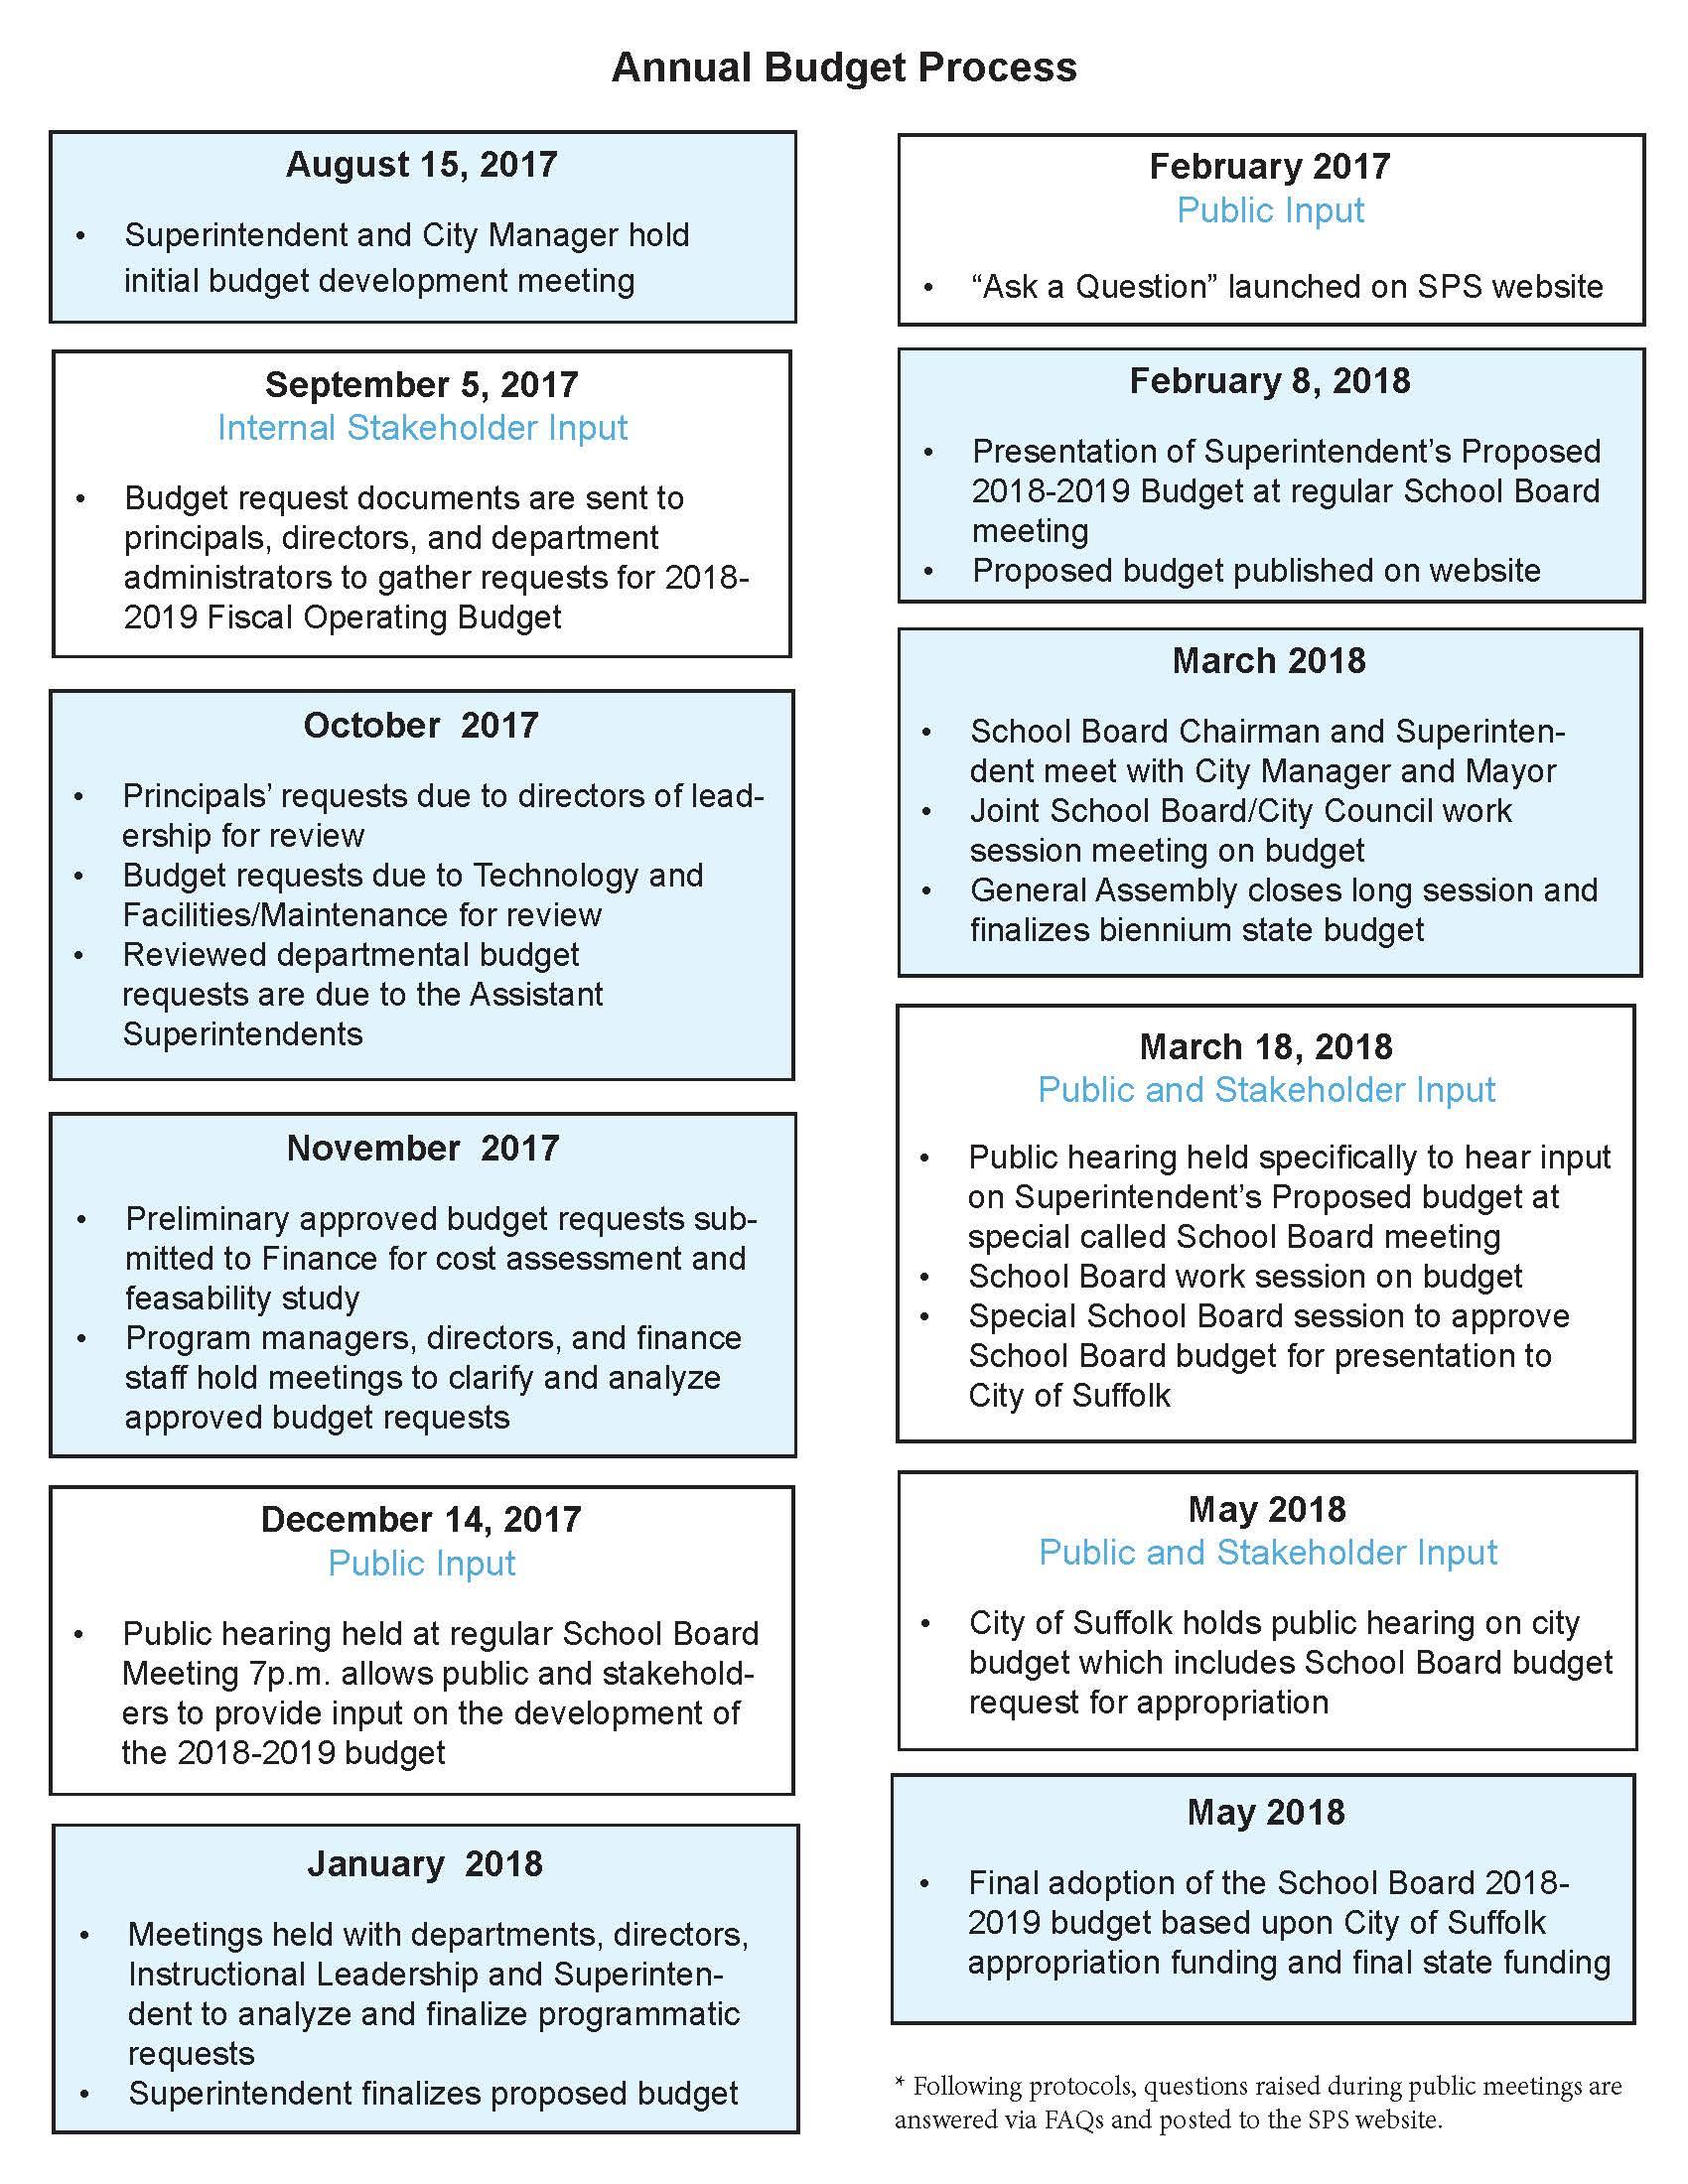 Budget Process Chart_2017